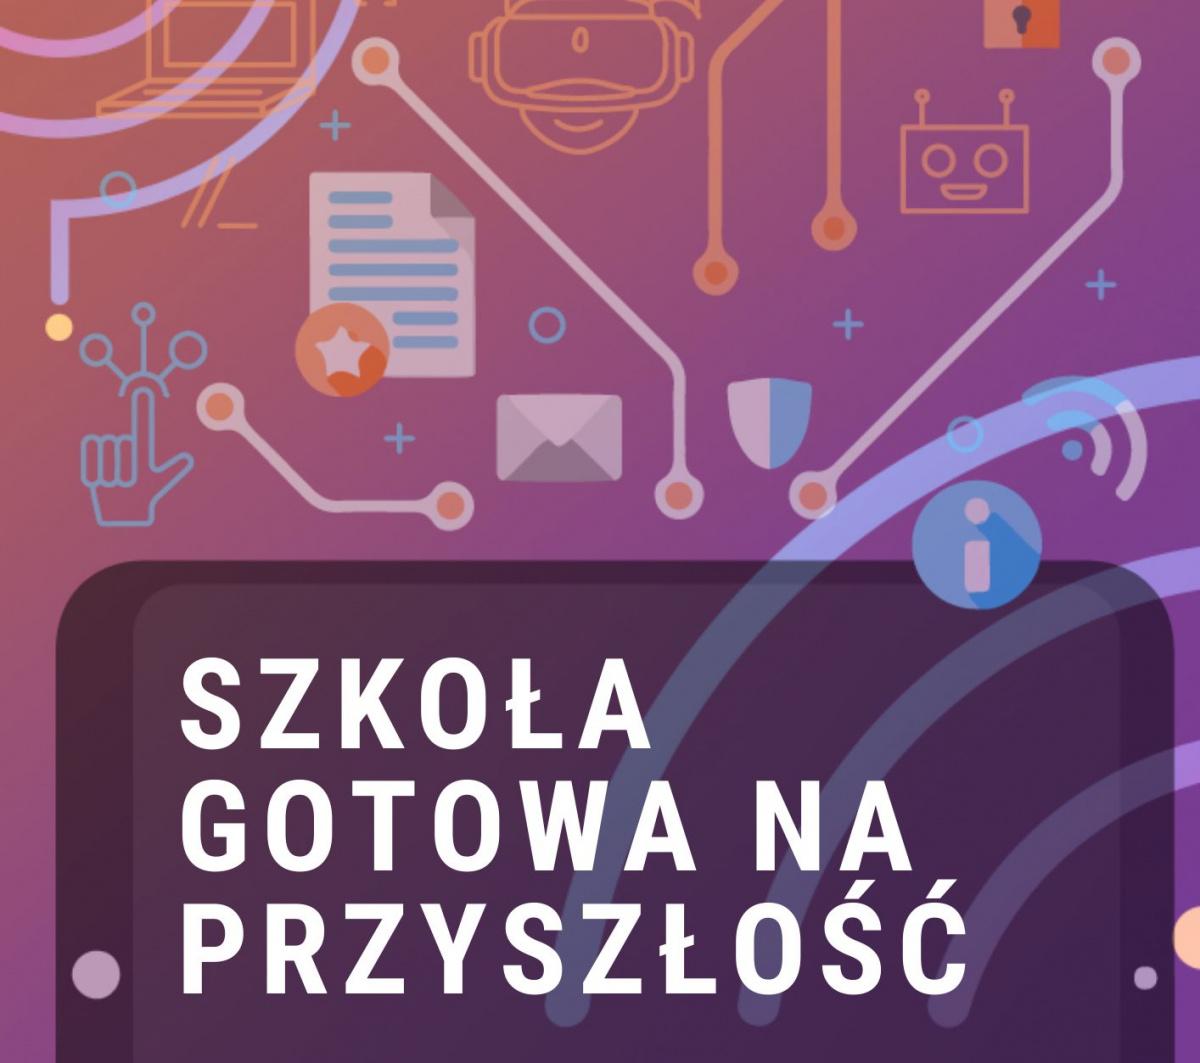 KOMET@ rekomenduje pakiet transformacji cyfrowej szkół